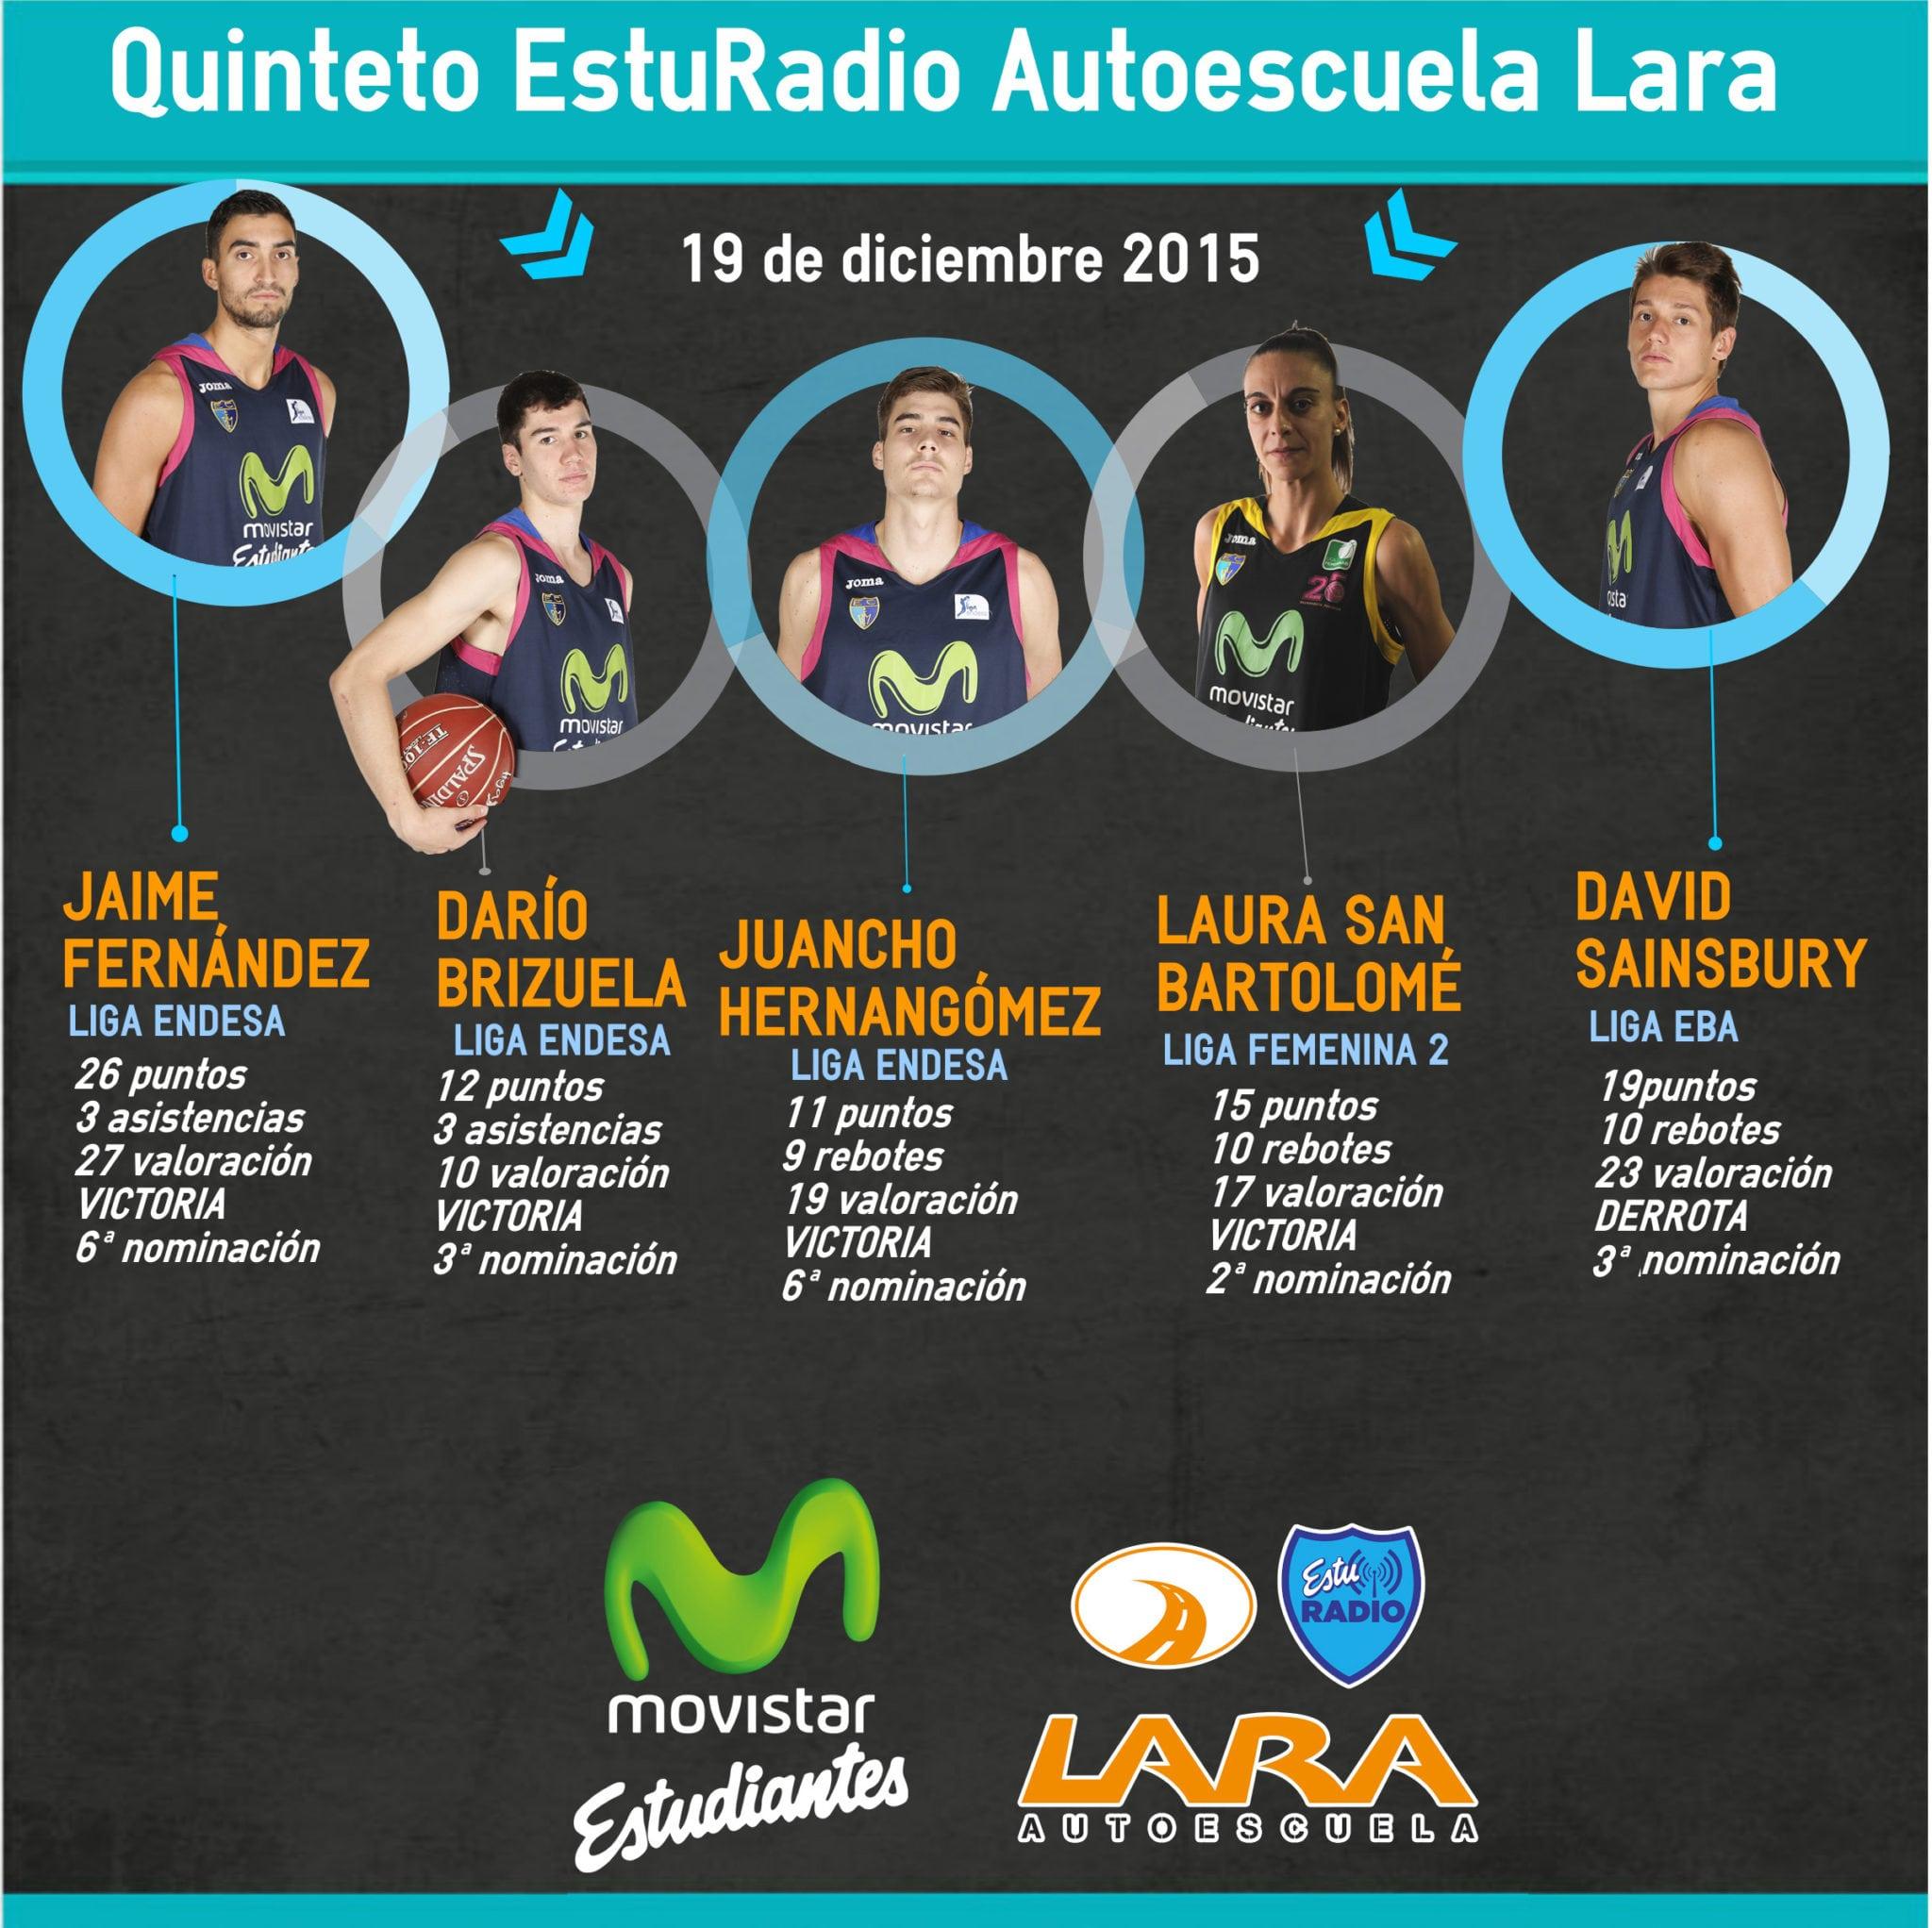 El último Quinteto EstuRadio de 2015: Fernández, Brizuela, Hernangómez, San Bartolomé y Sainsbury